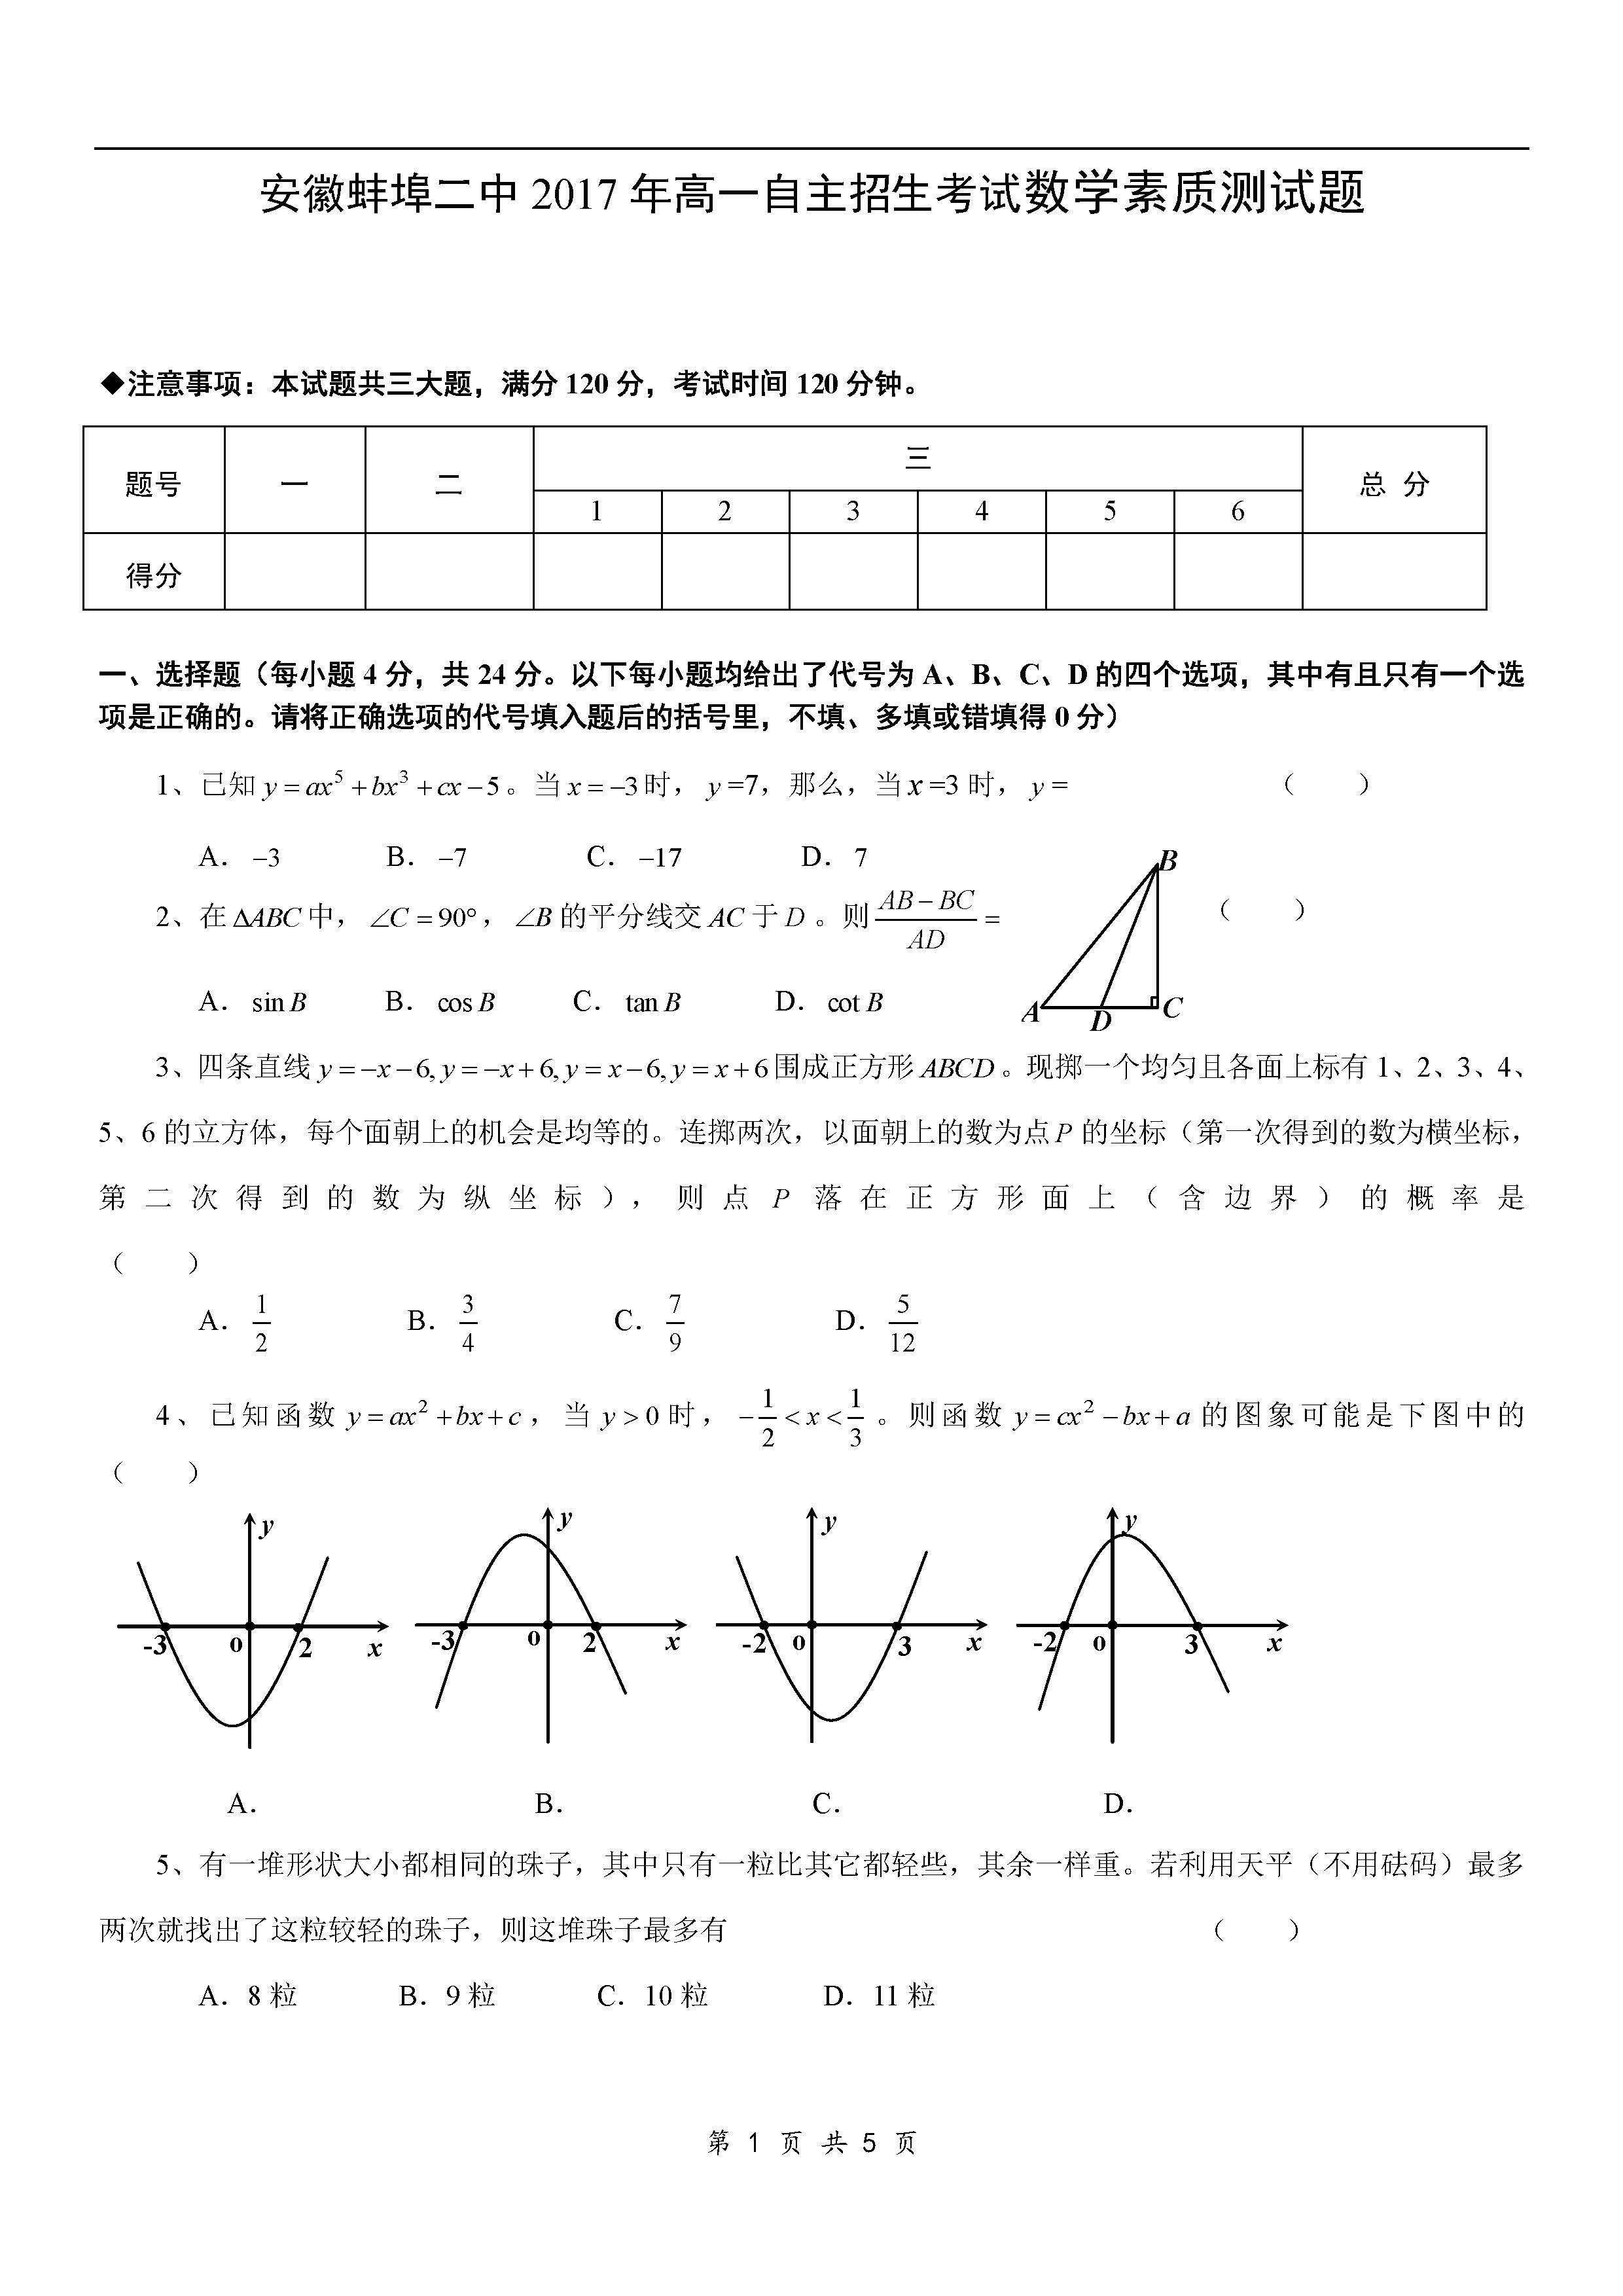 20178安徽蚌埠二中自主招生數學試題及答案(圖片版含答案)